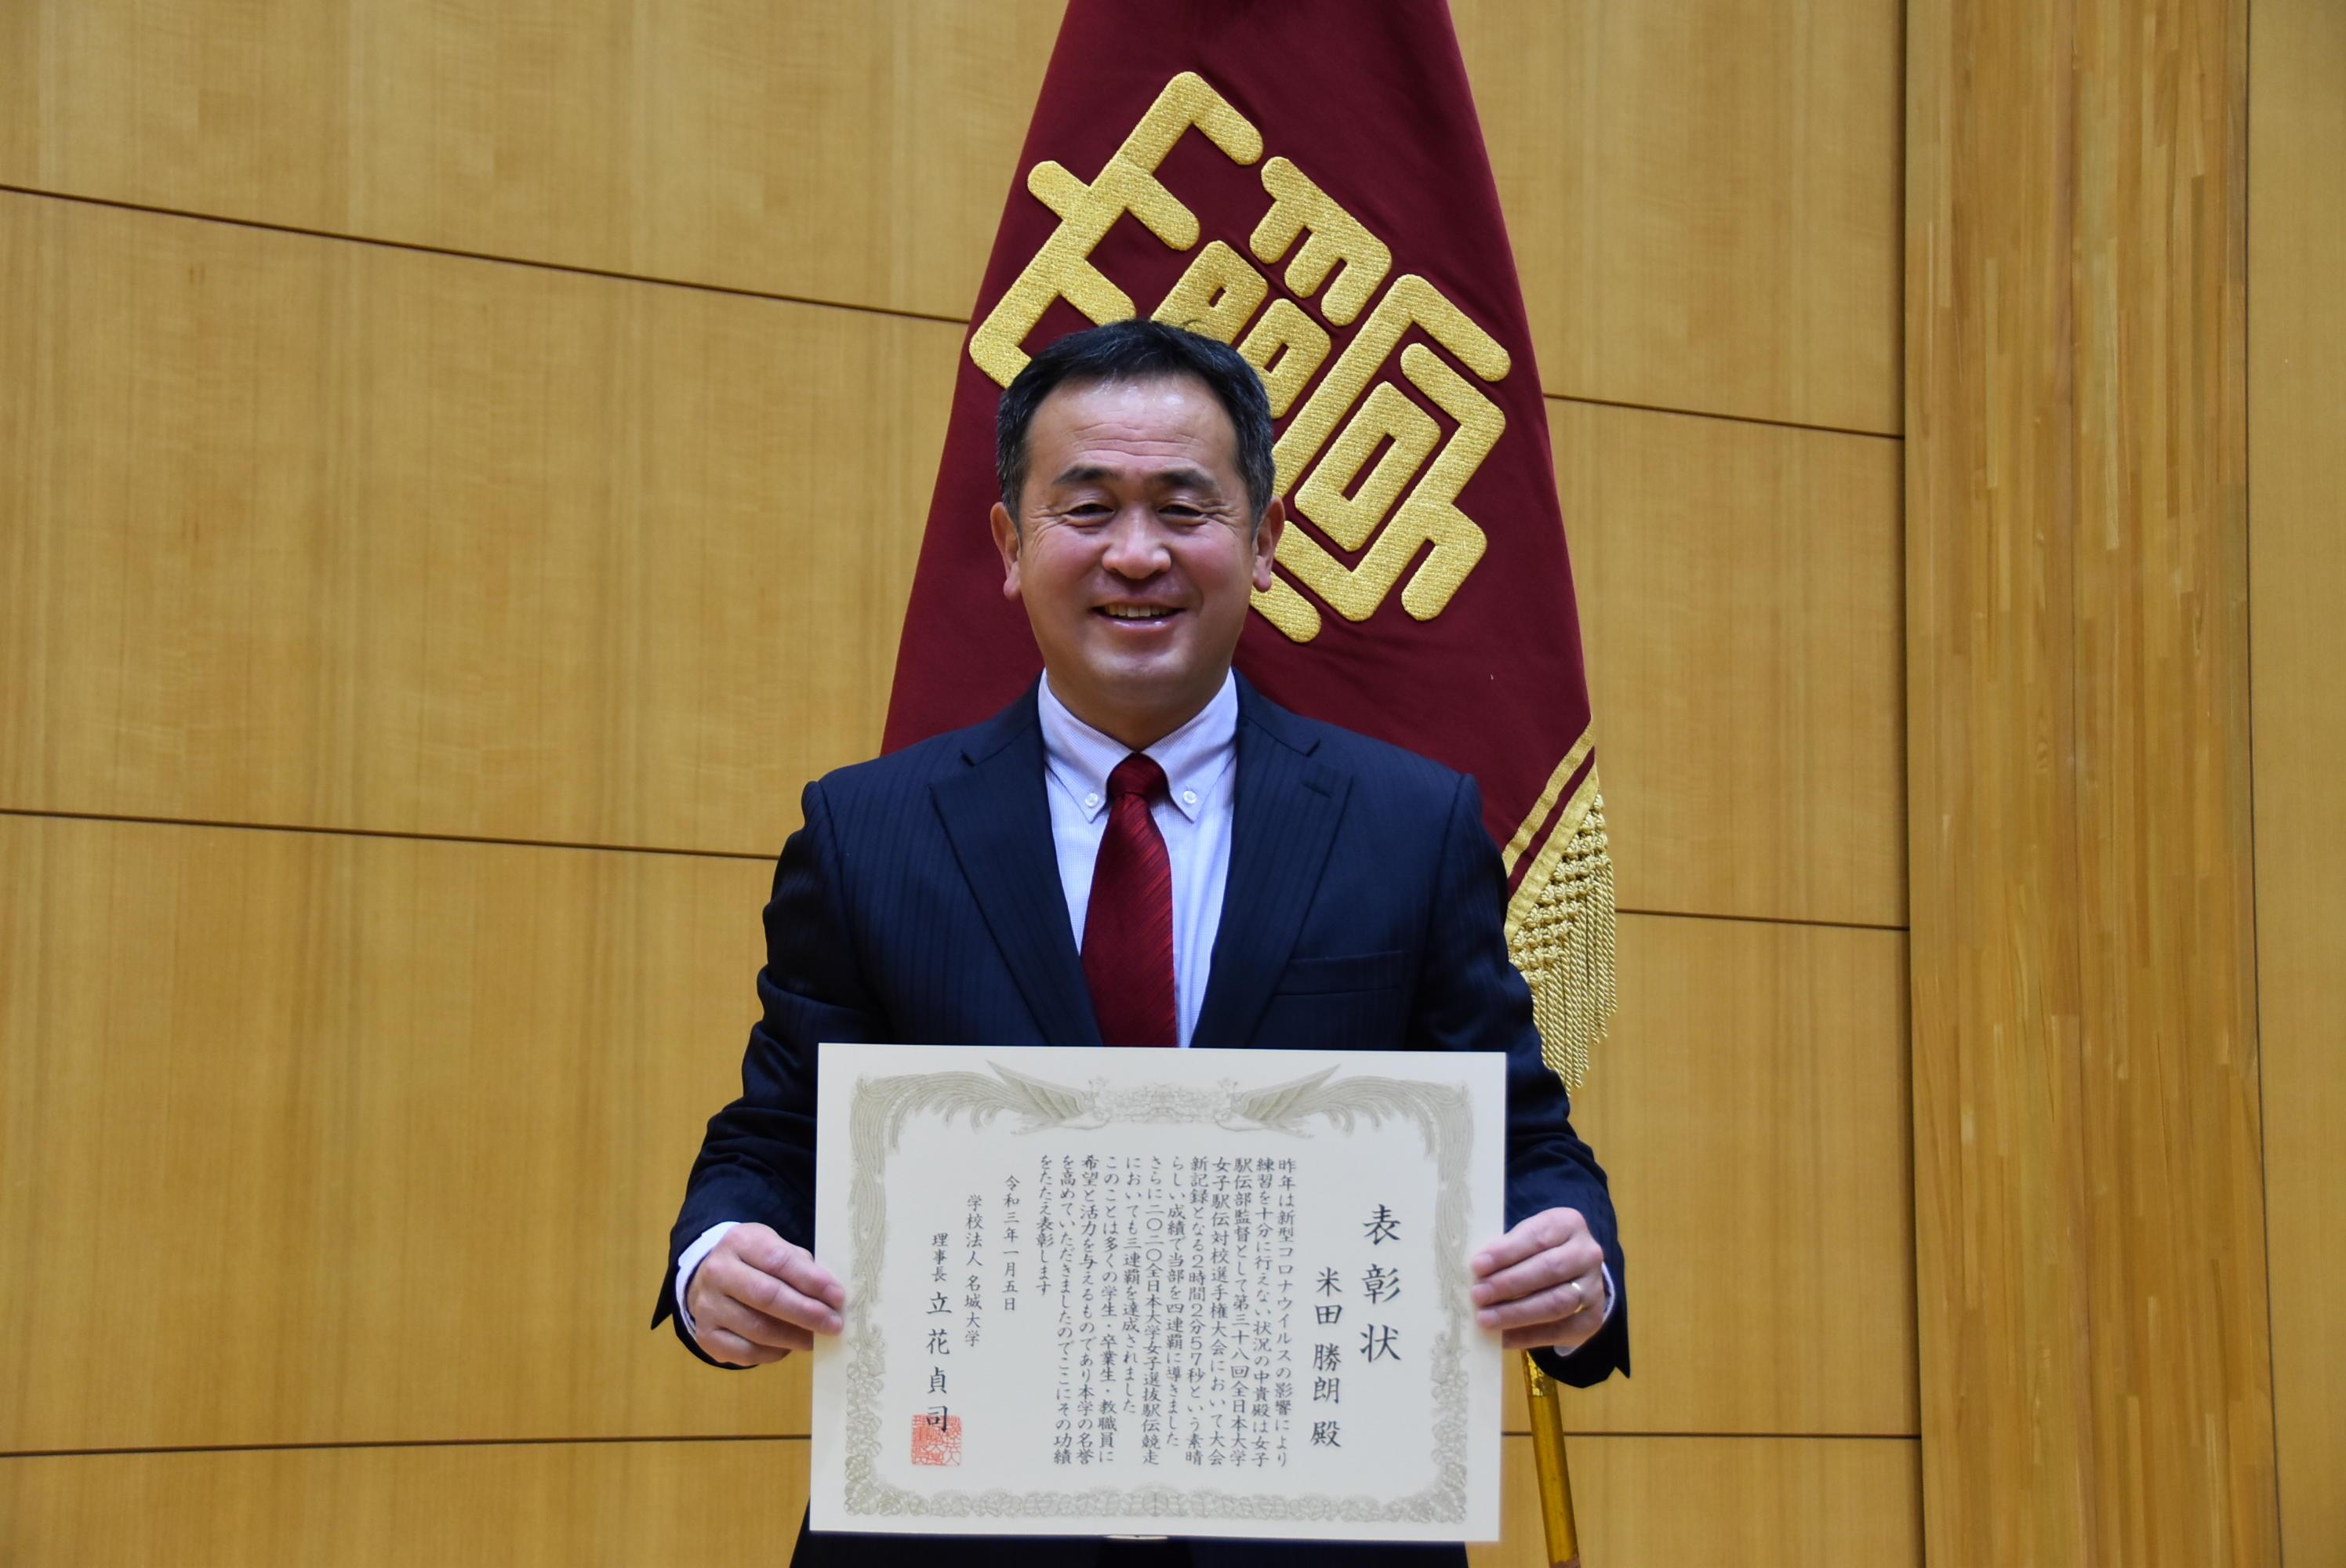 表彰を受けた米田勝朗監督